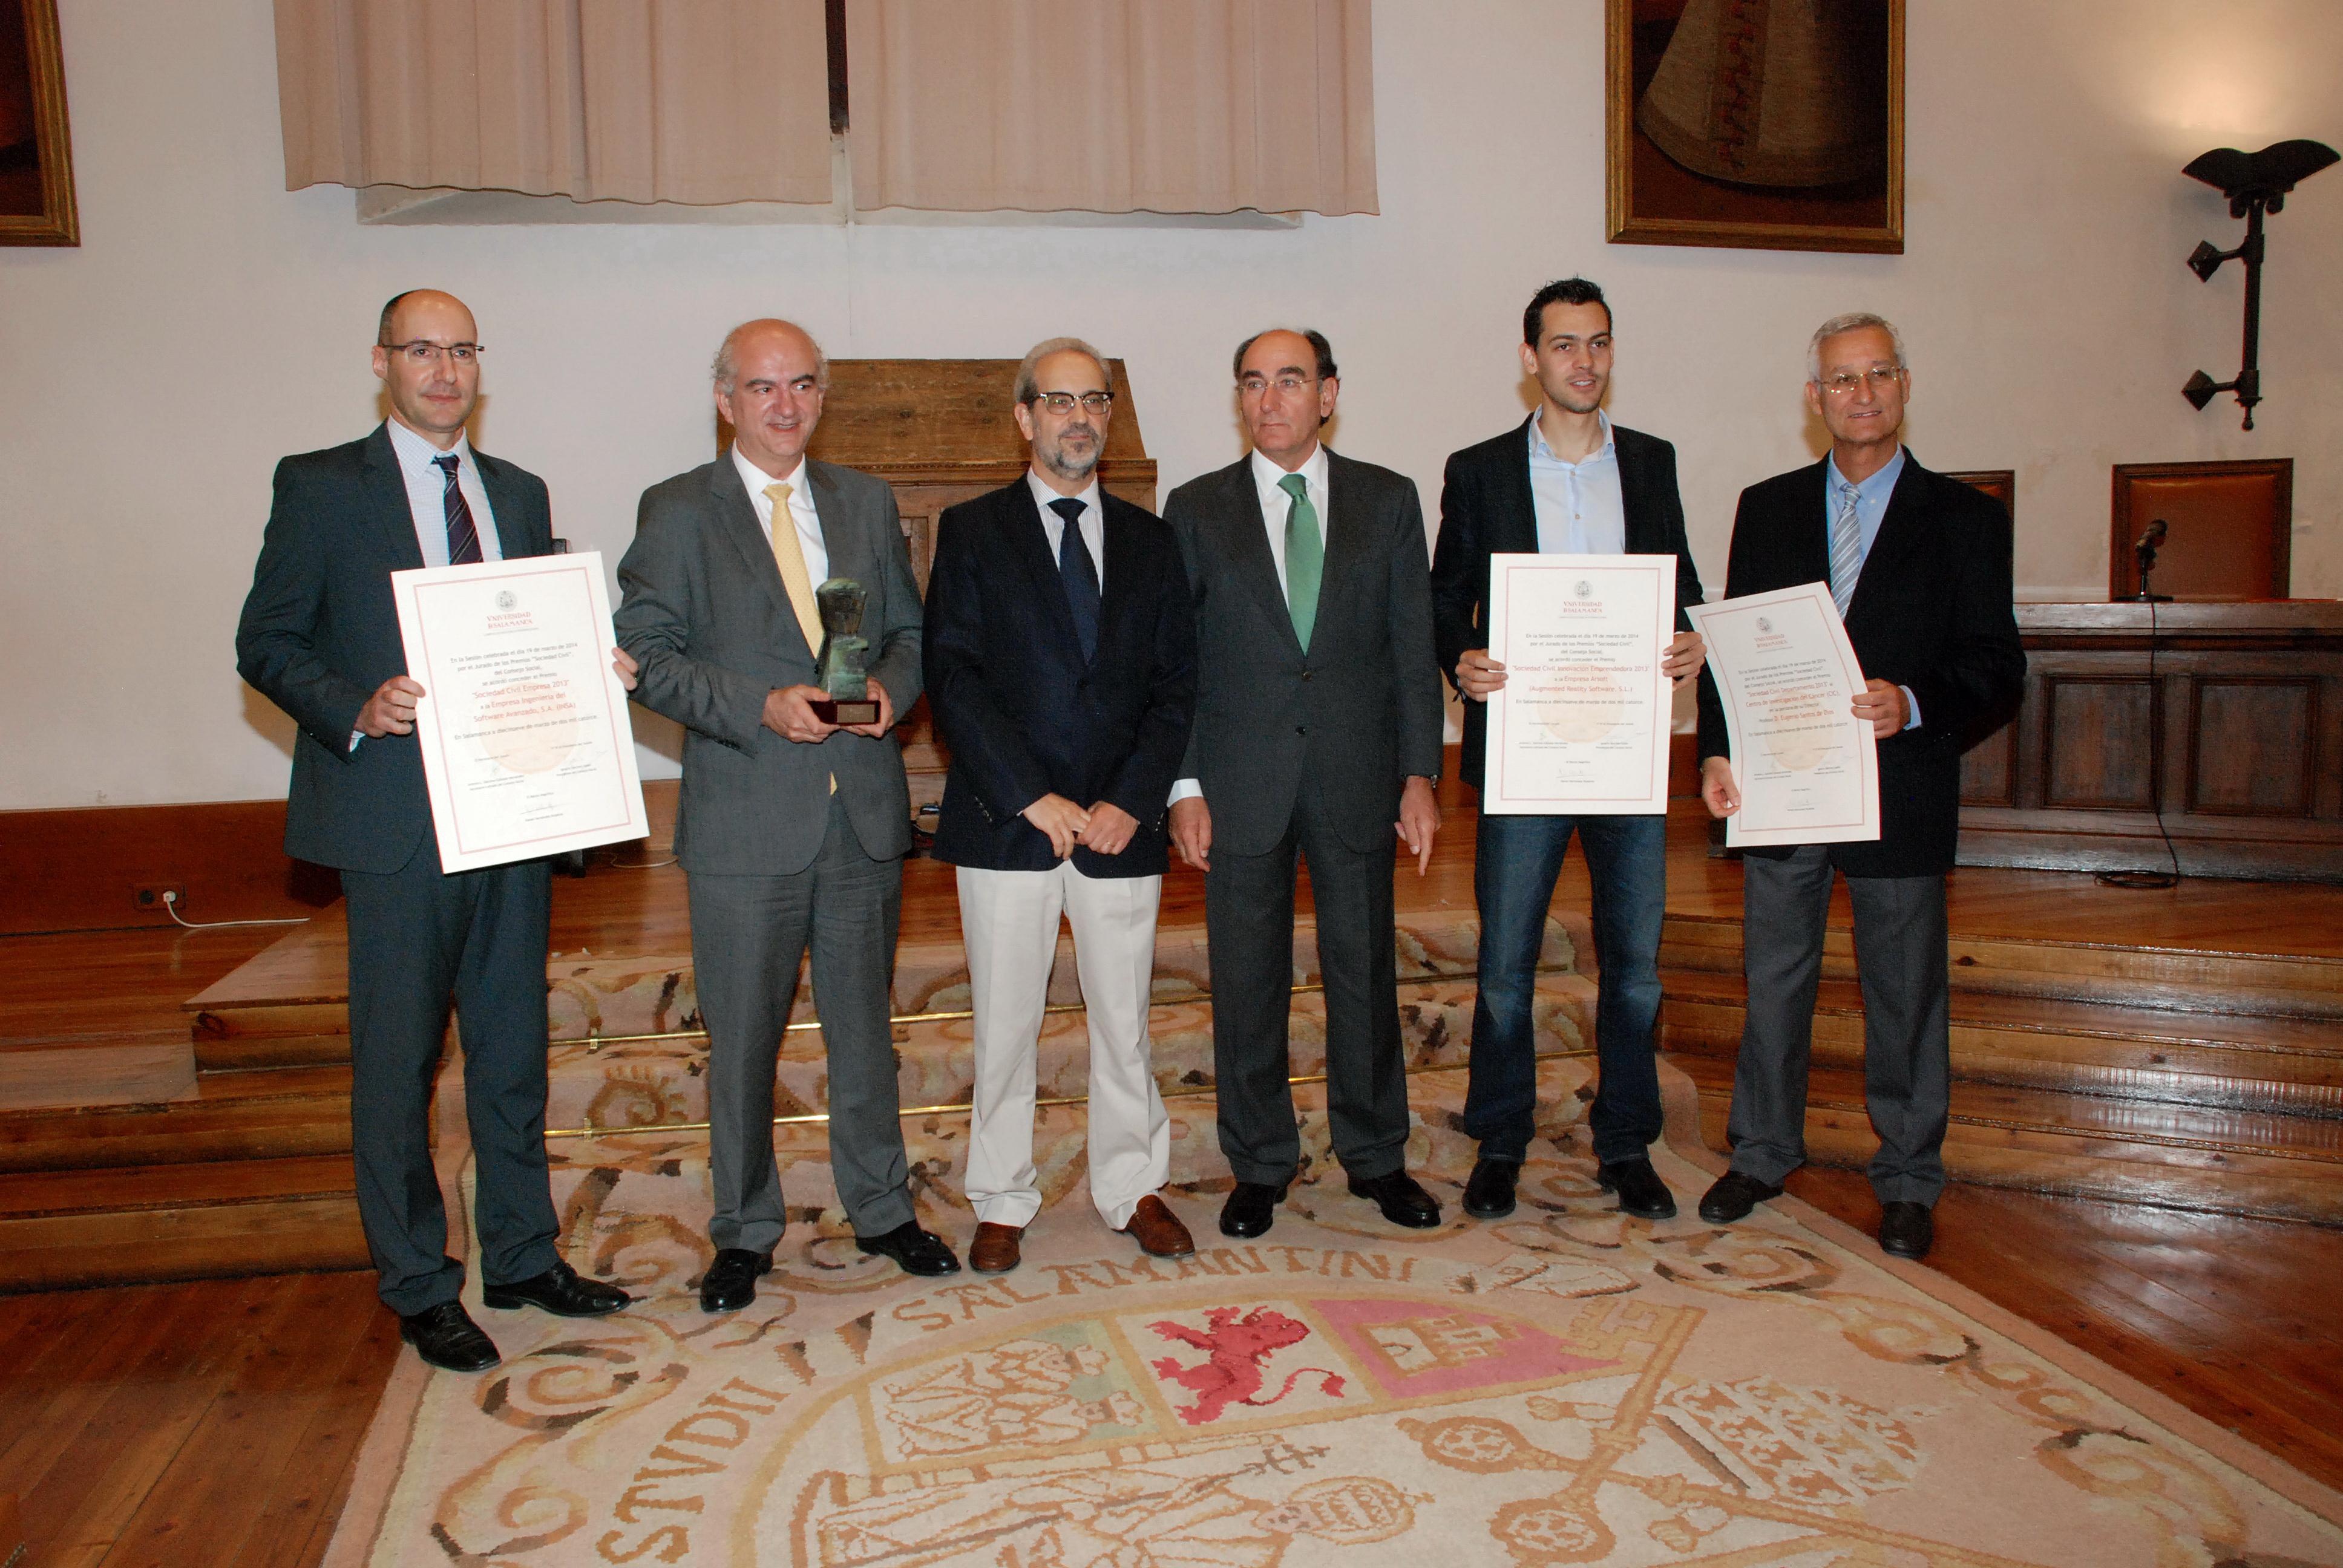 El Consejo Social de la Universidad de Salamanca entrega los Premios 'Sociedad Civil' 2013